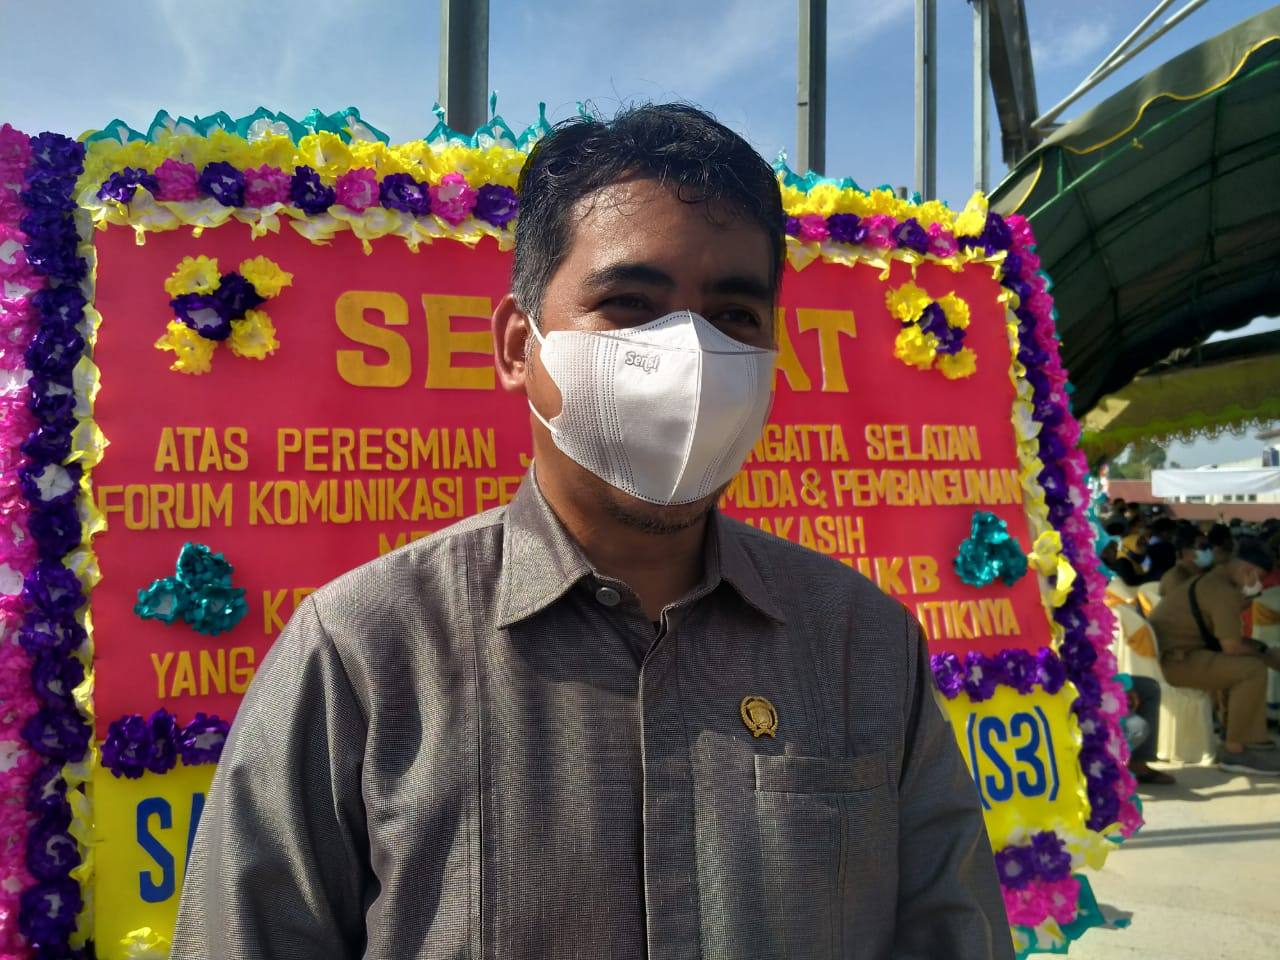 Jelang Musda, Wabup Kasmidi Bulang Dijagokan Kembali Pimpin Golkar Kutai Timur